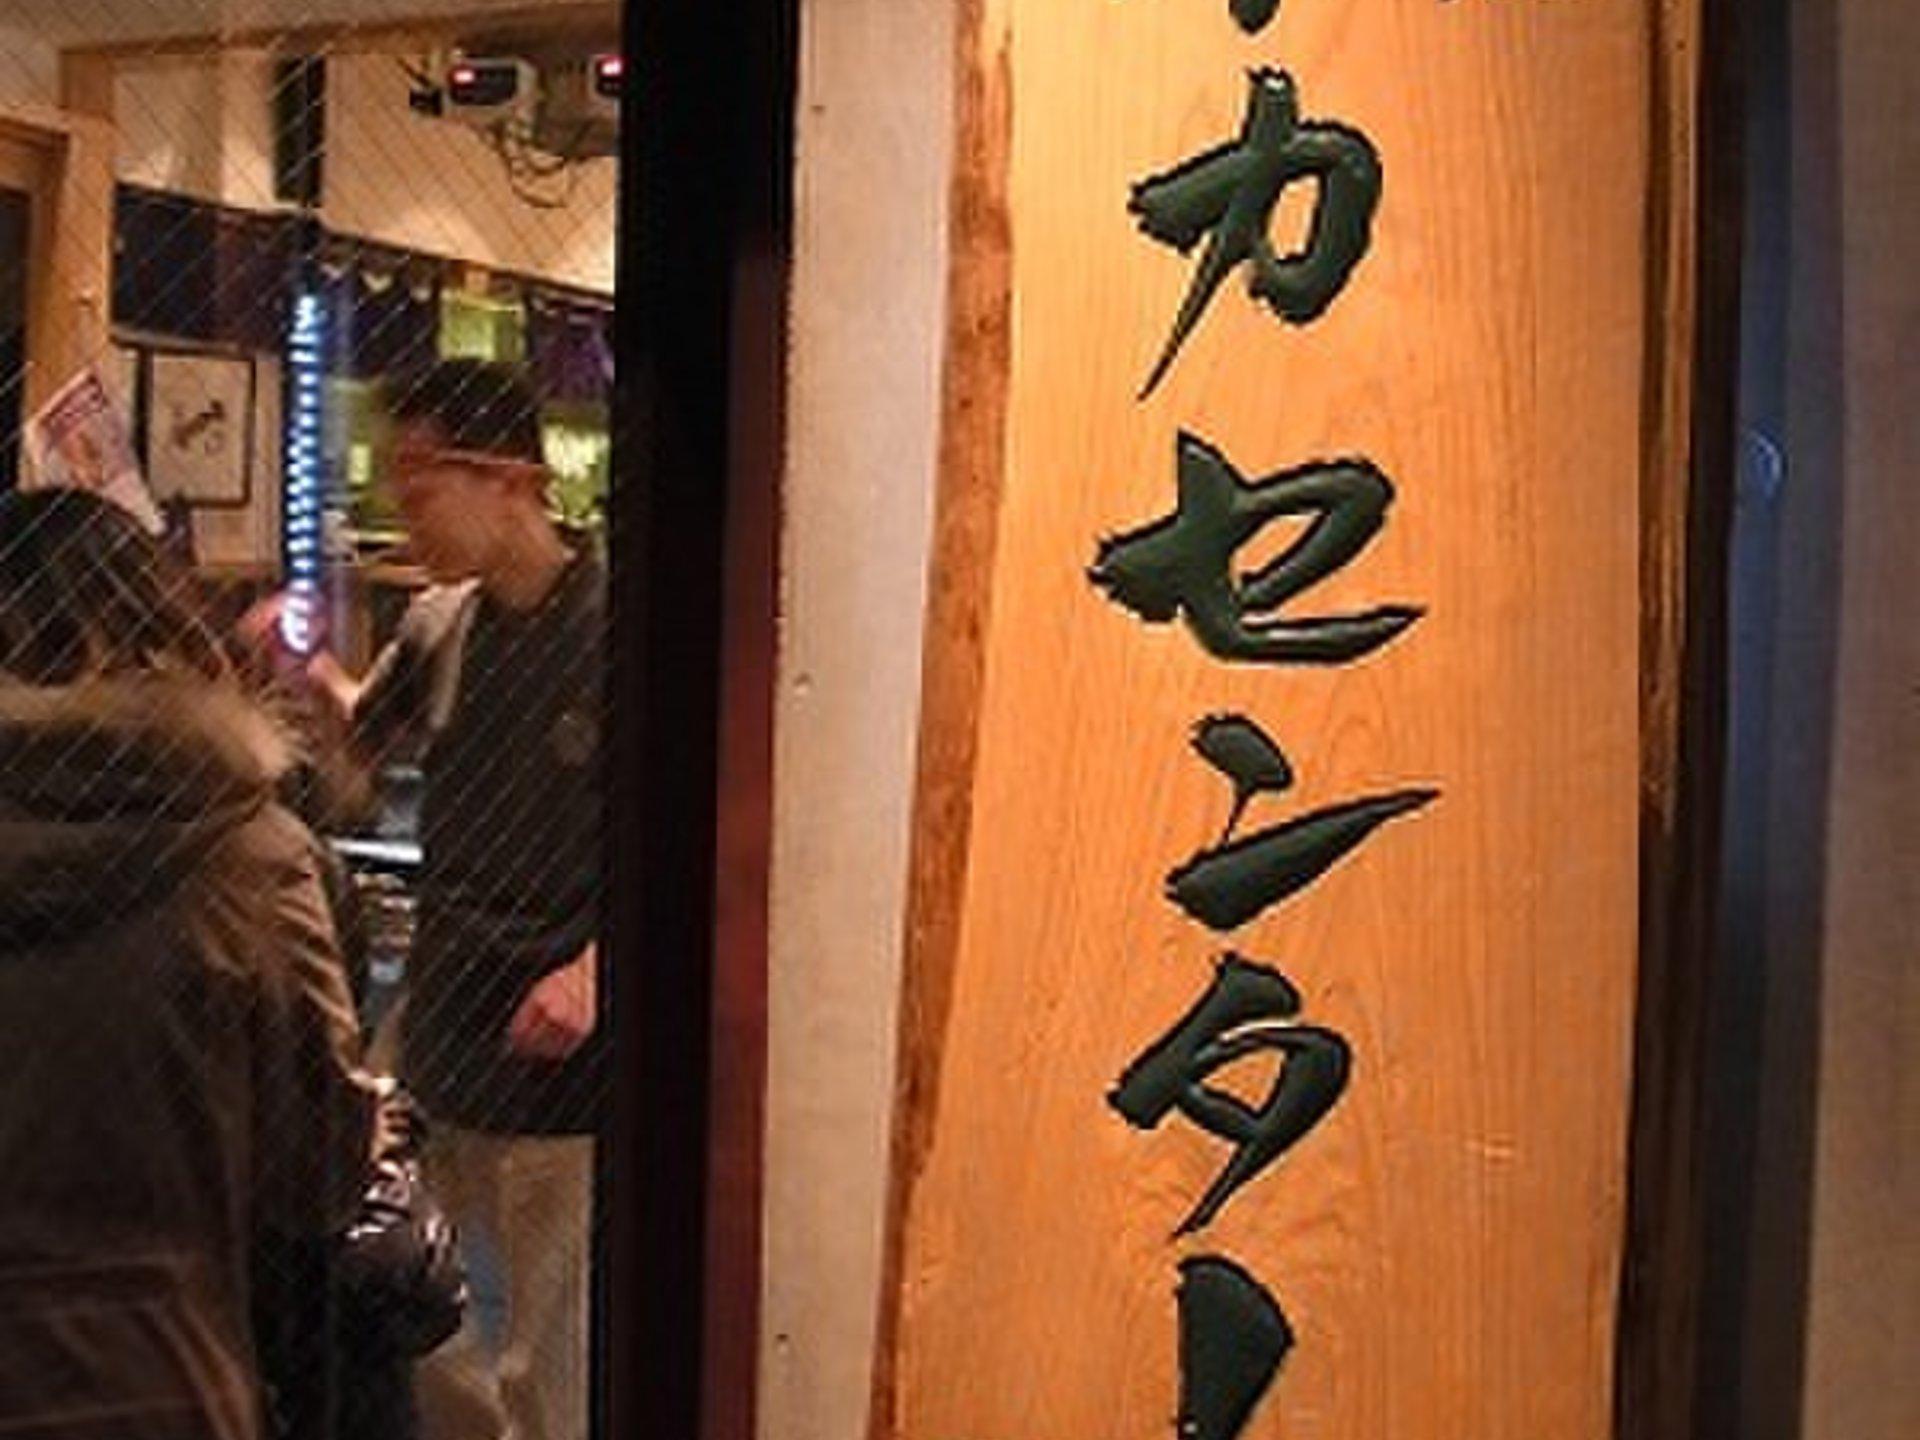 【東京・神楽坂】海鮮好きなら盛り上がる!神楽坂のエンターテイメント居酒屋で飲み会はいかが?